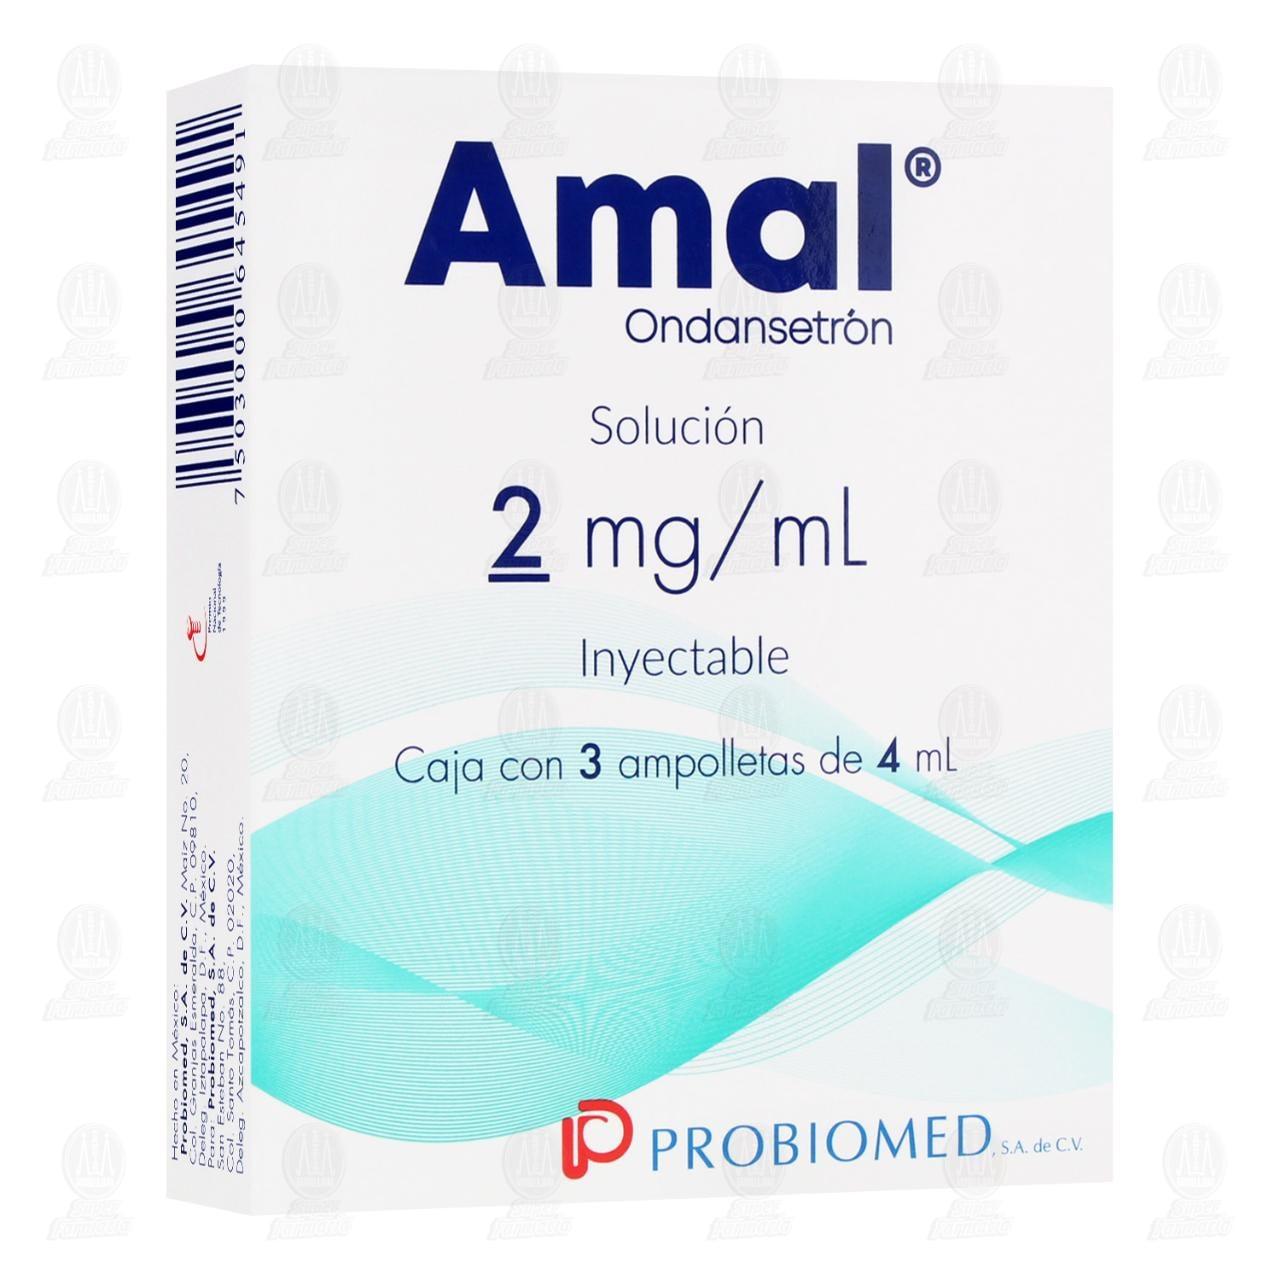 Comprar Amal 2mg/ml Solución Inyectable 3 Ampolletas 4ml en Farmacias Guadalajara